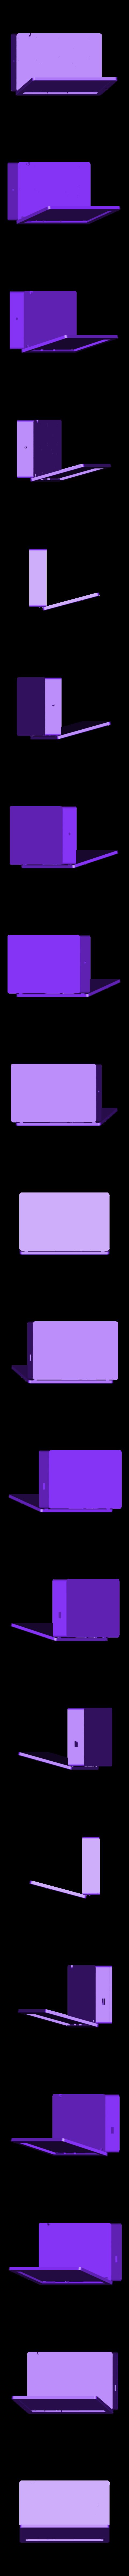 PiBookFull.stl Télécharger fichier STL gratuit PiBook alimenté sans fil • Plan imprimable en 3D, Qelorliss